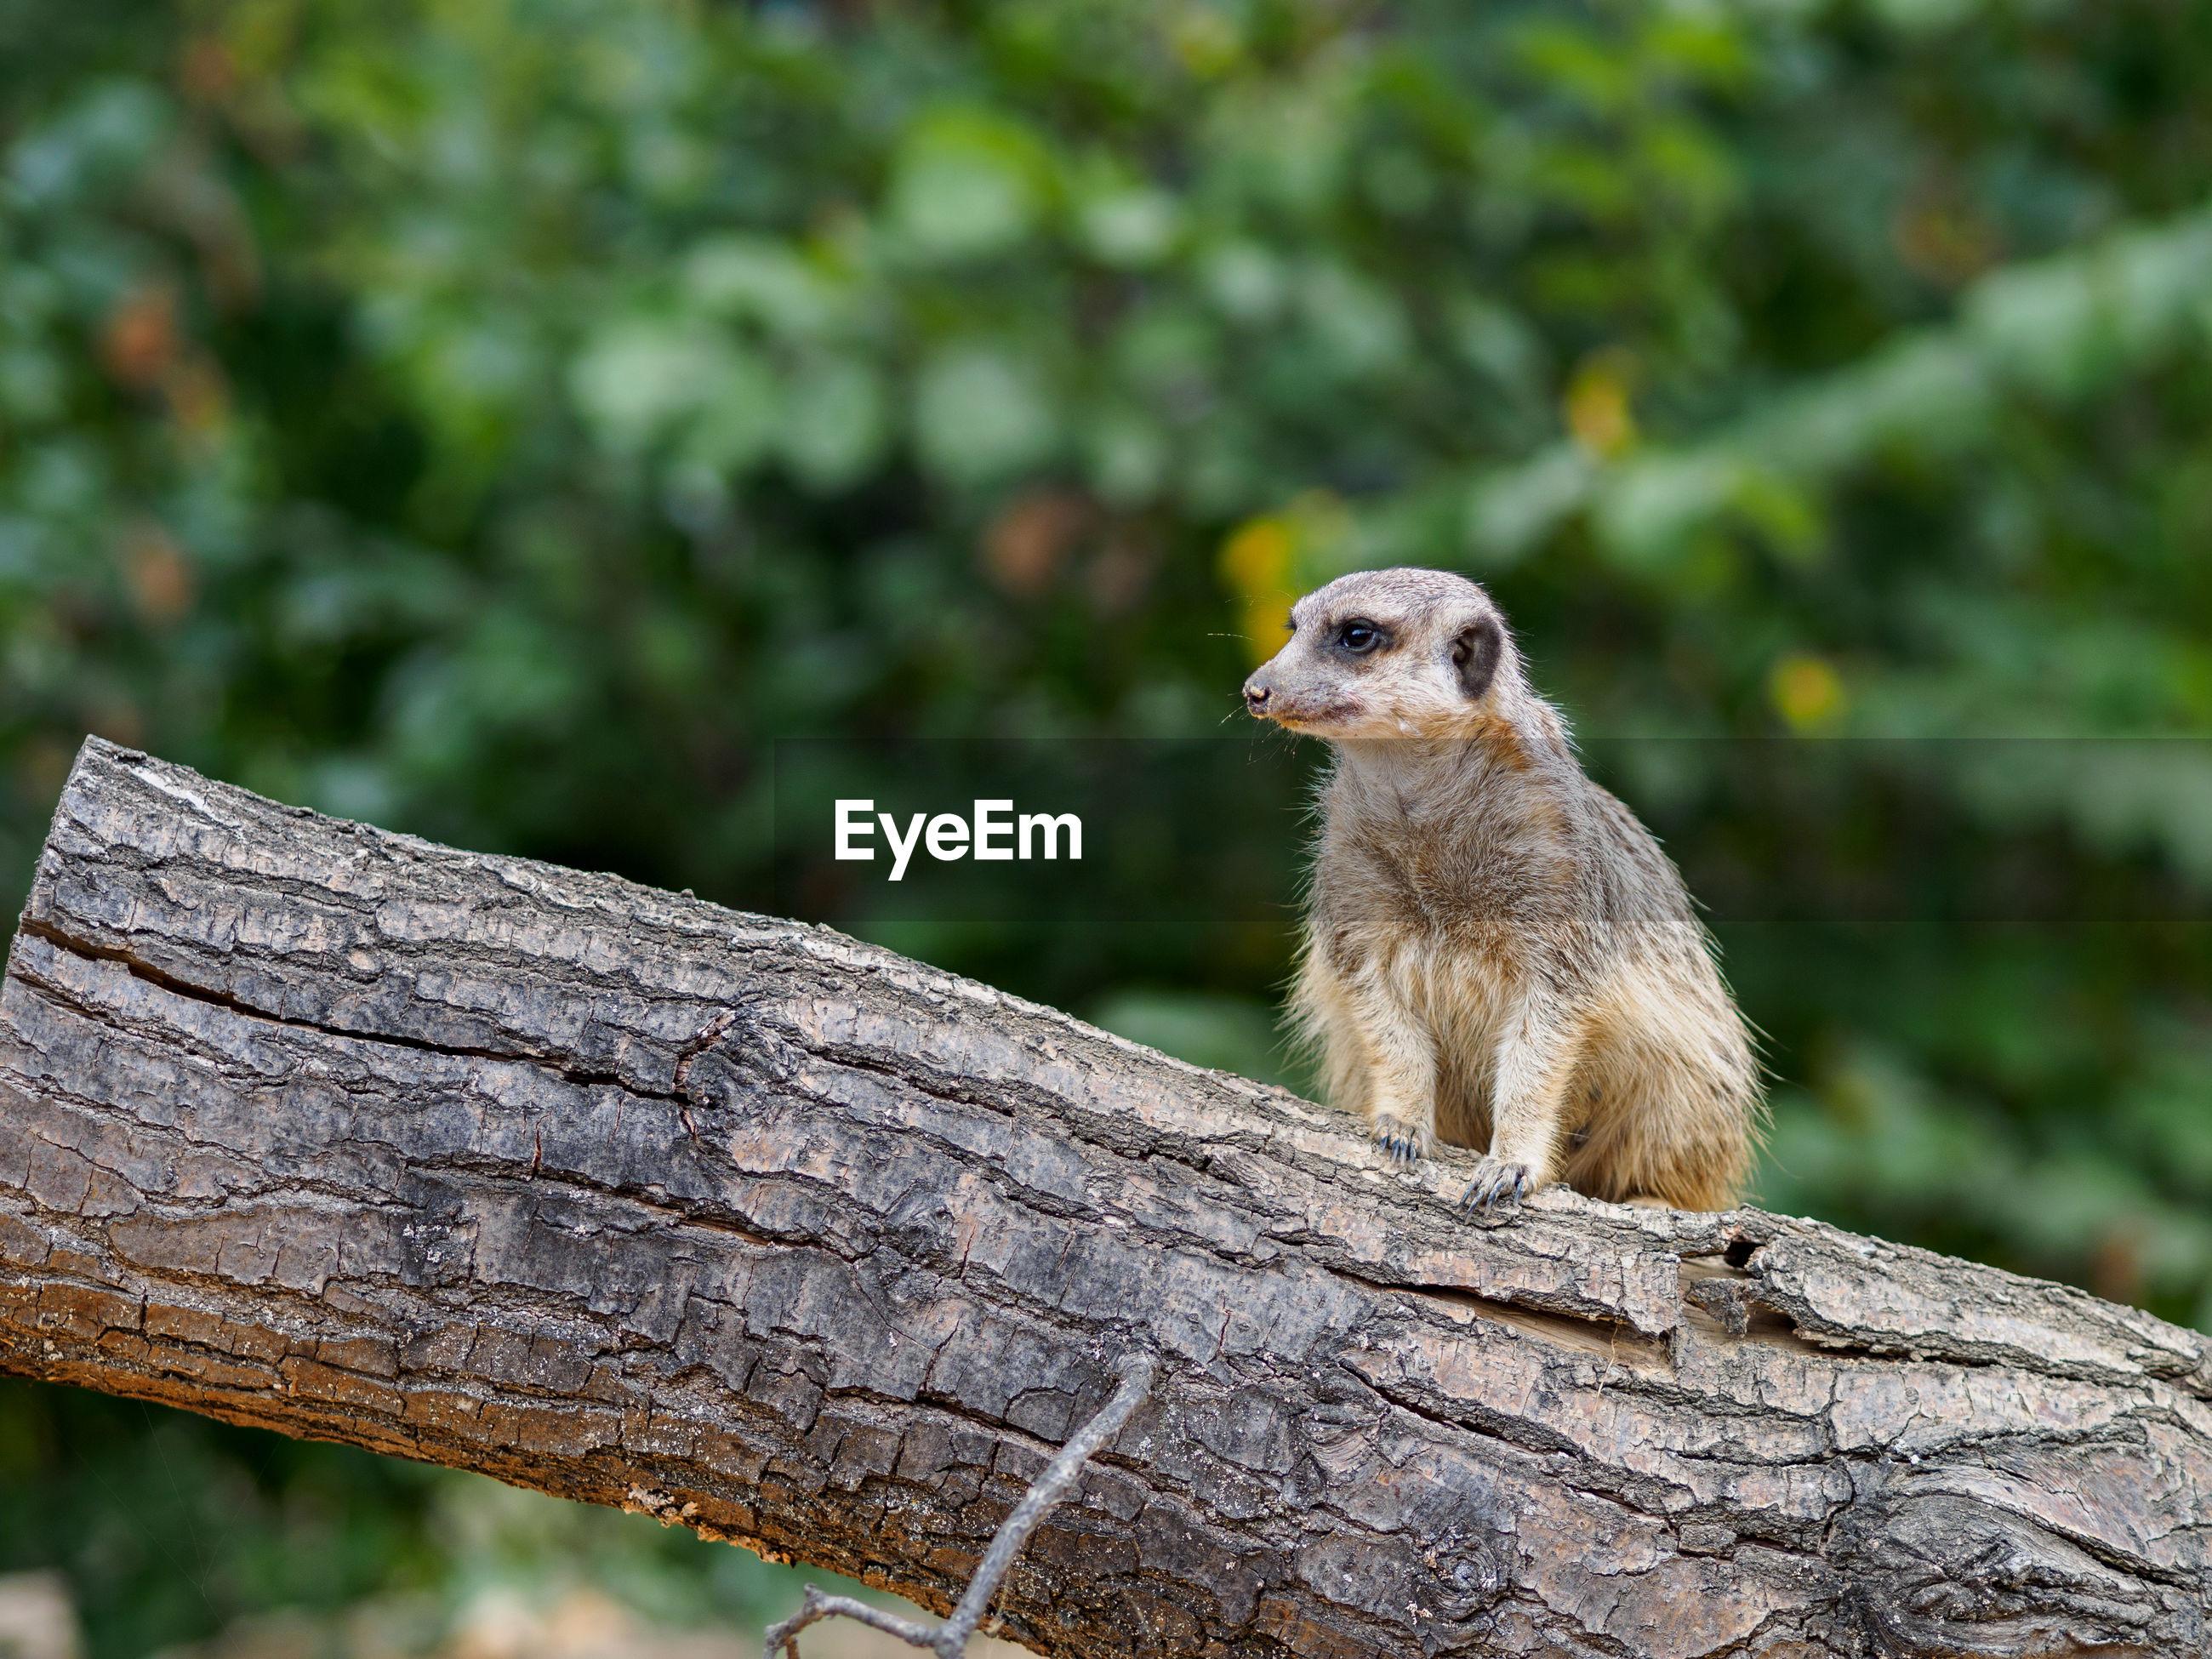 Meerkat on wood at zoo